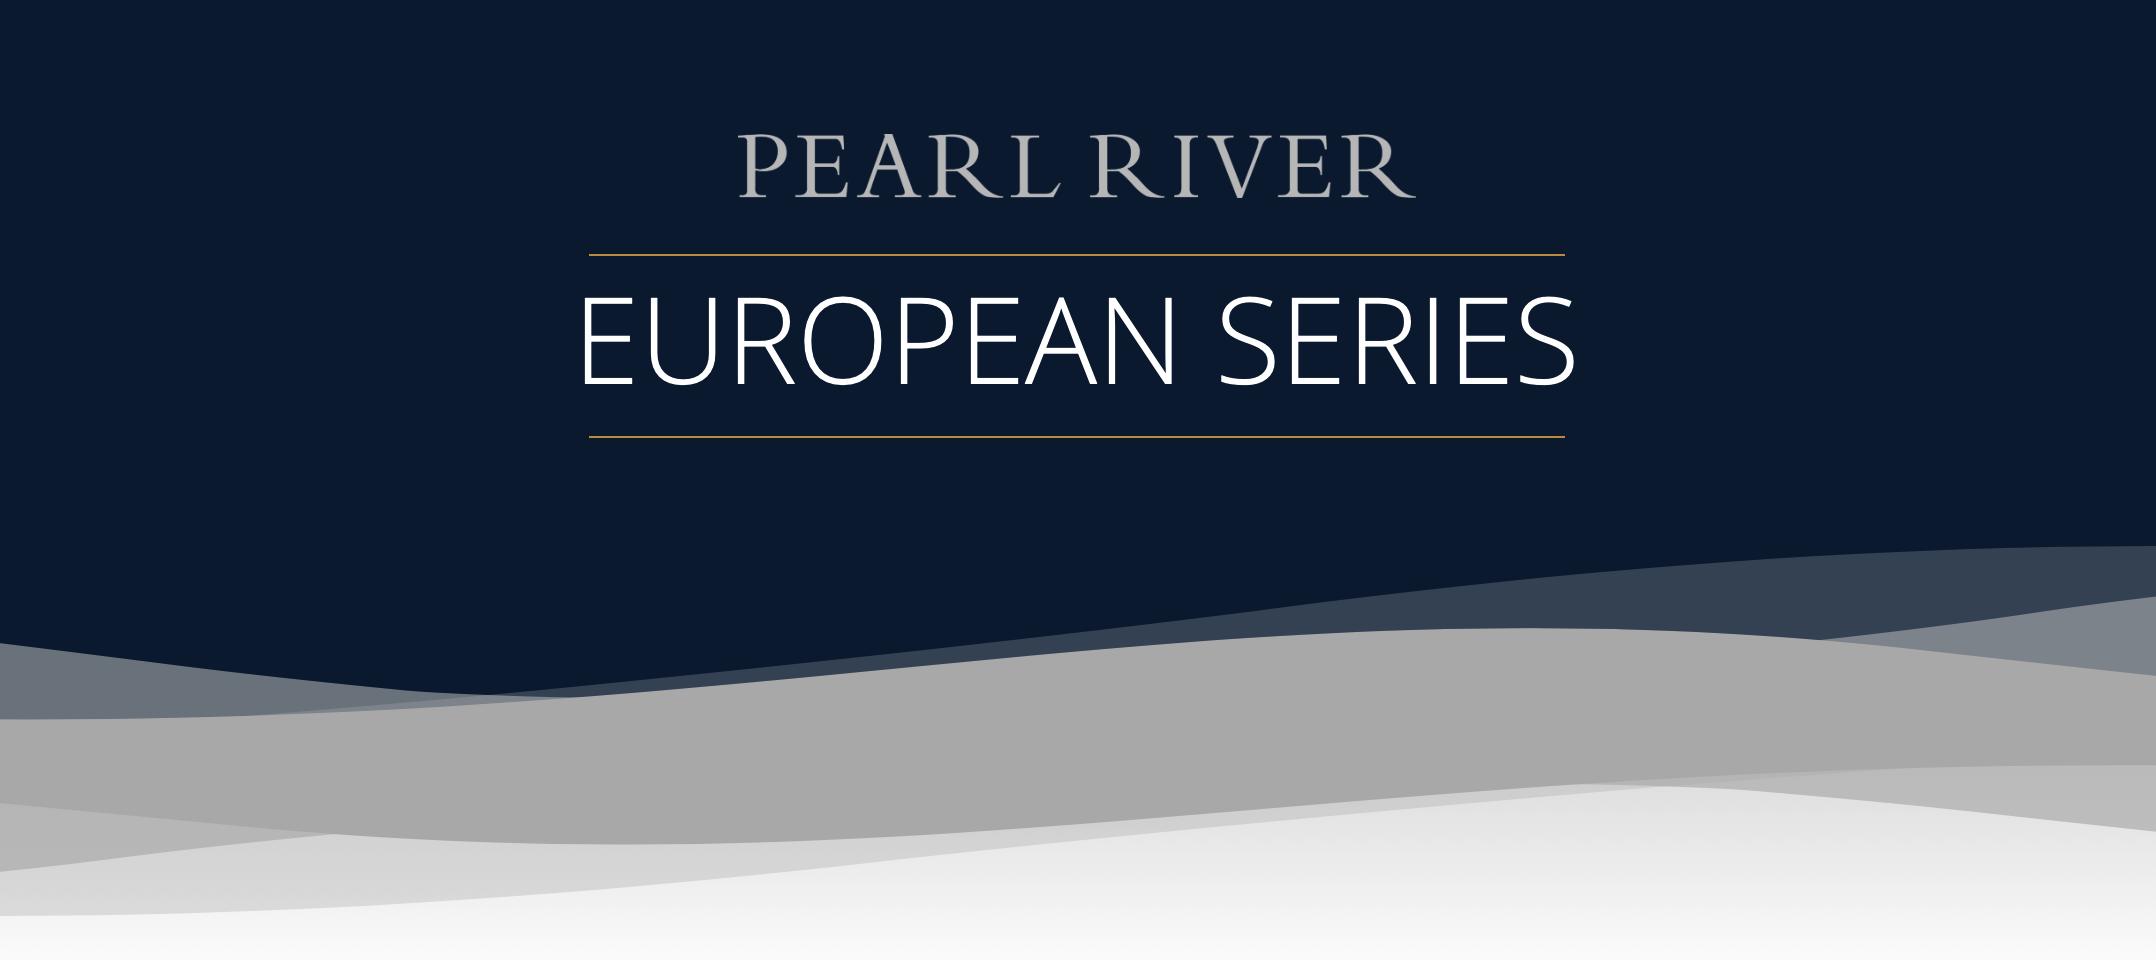 Pearl River European Series